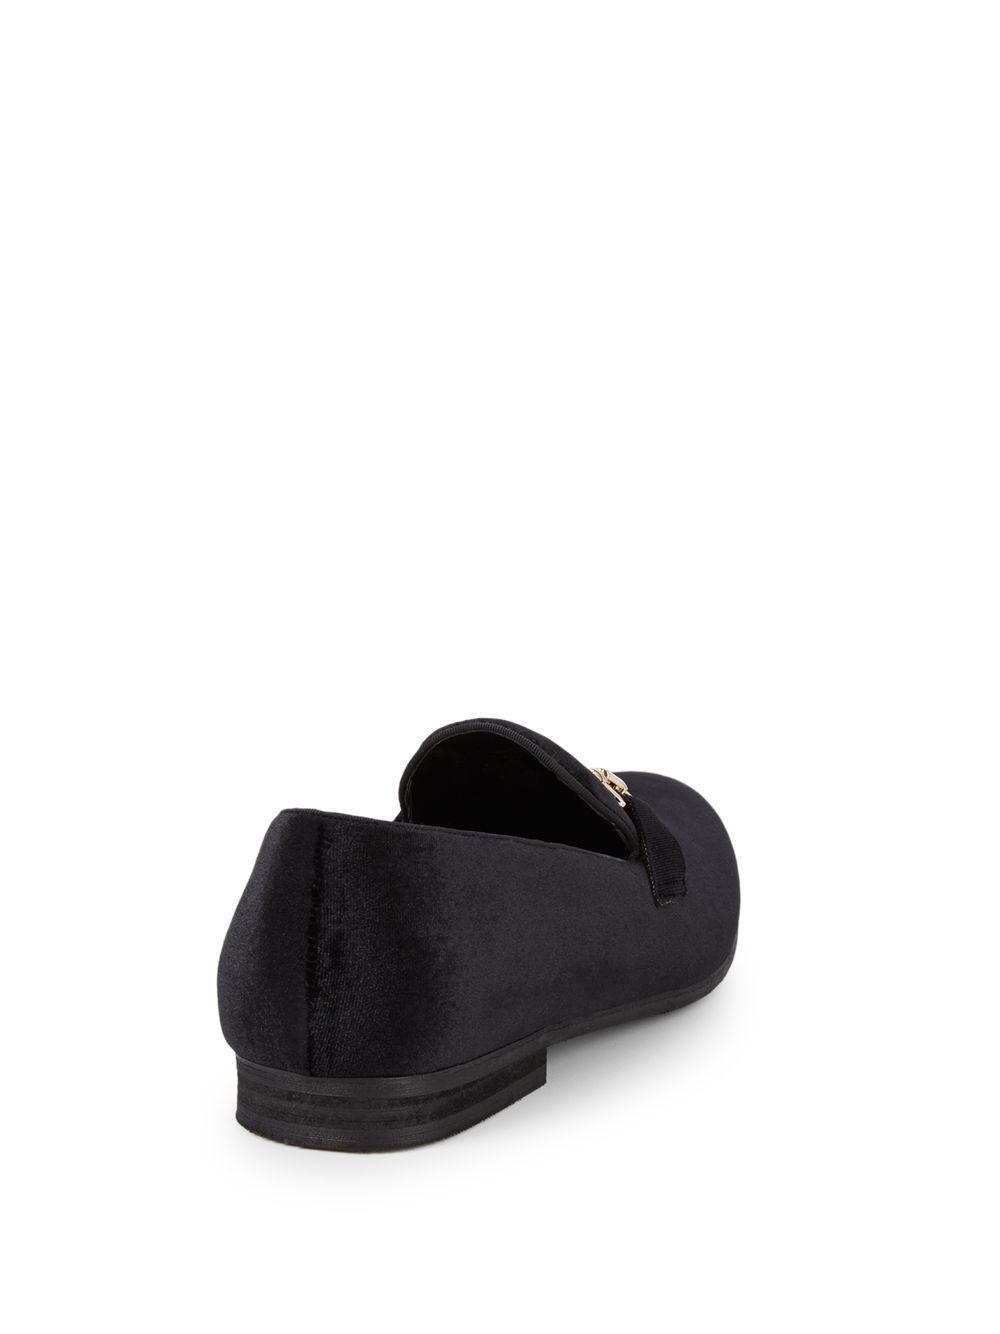 570d3e4d0a65 Lyst - Steve Madden Dodson Velvet Smoking Slippers in Black for Men - Save  3%